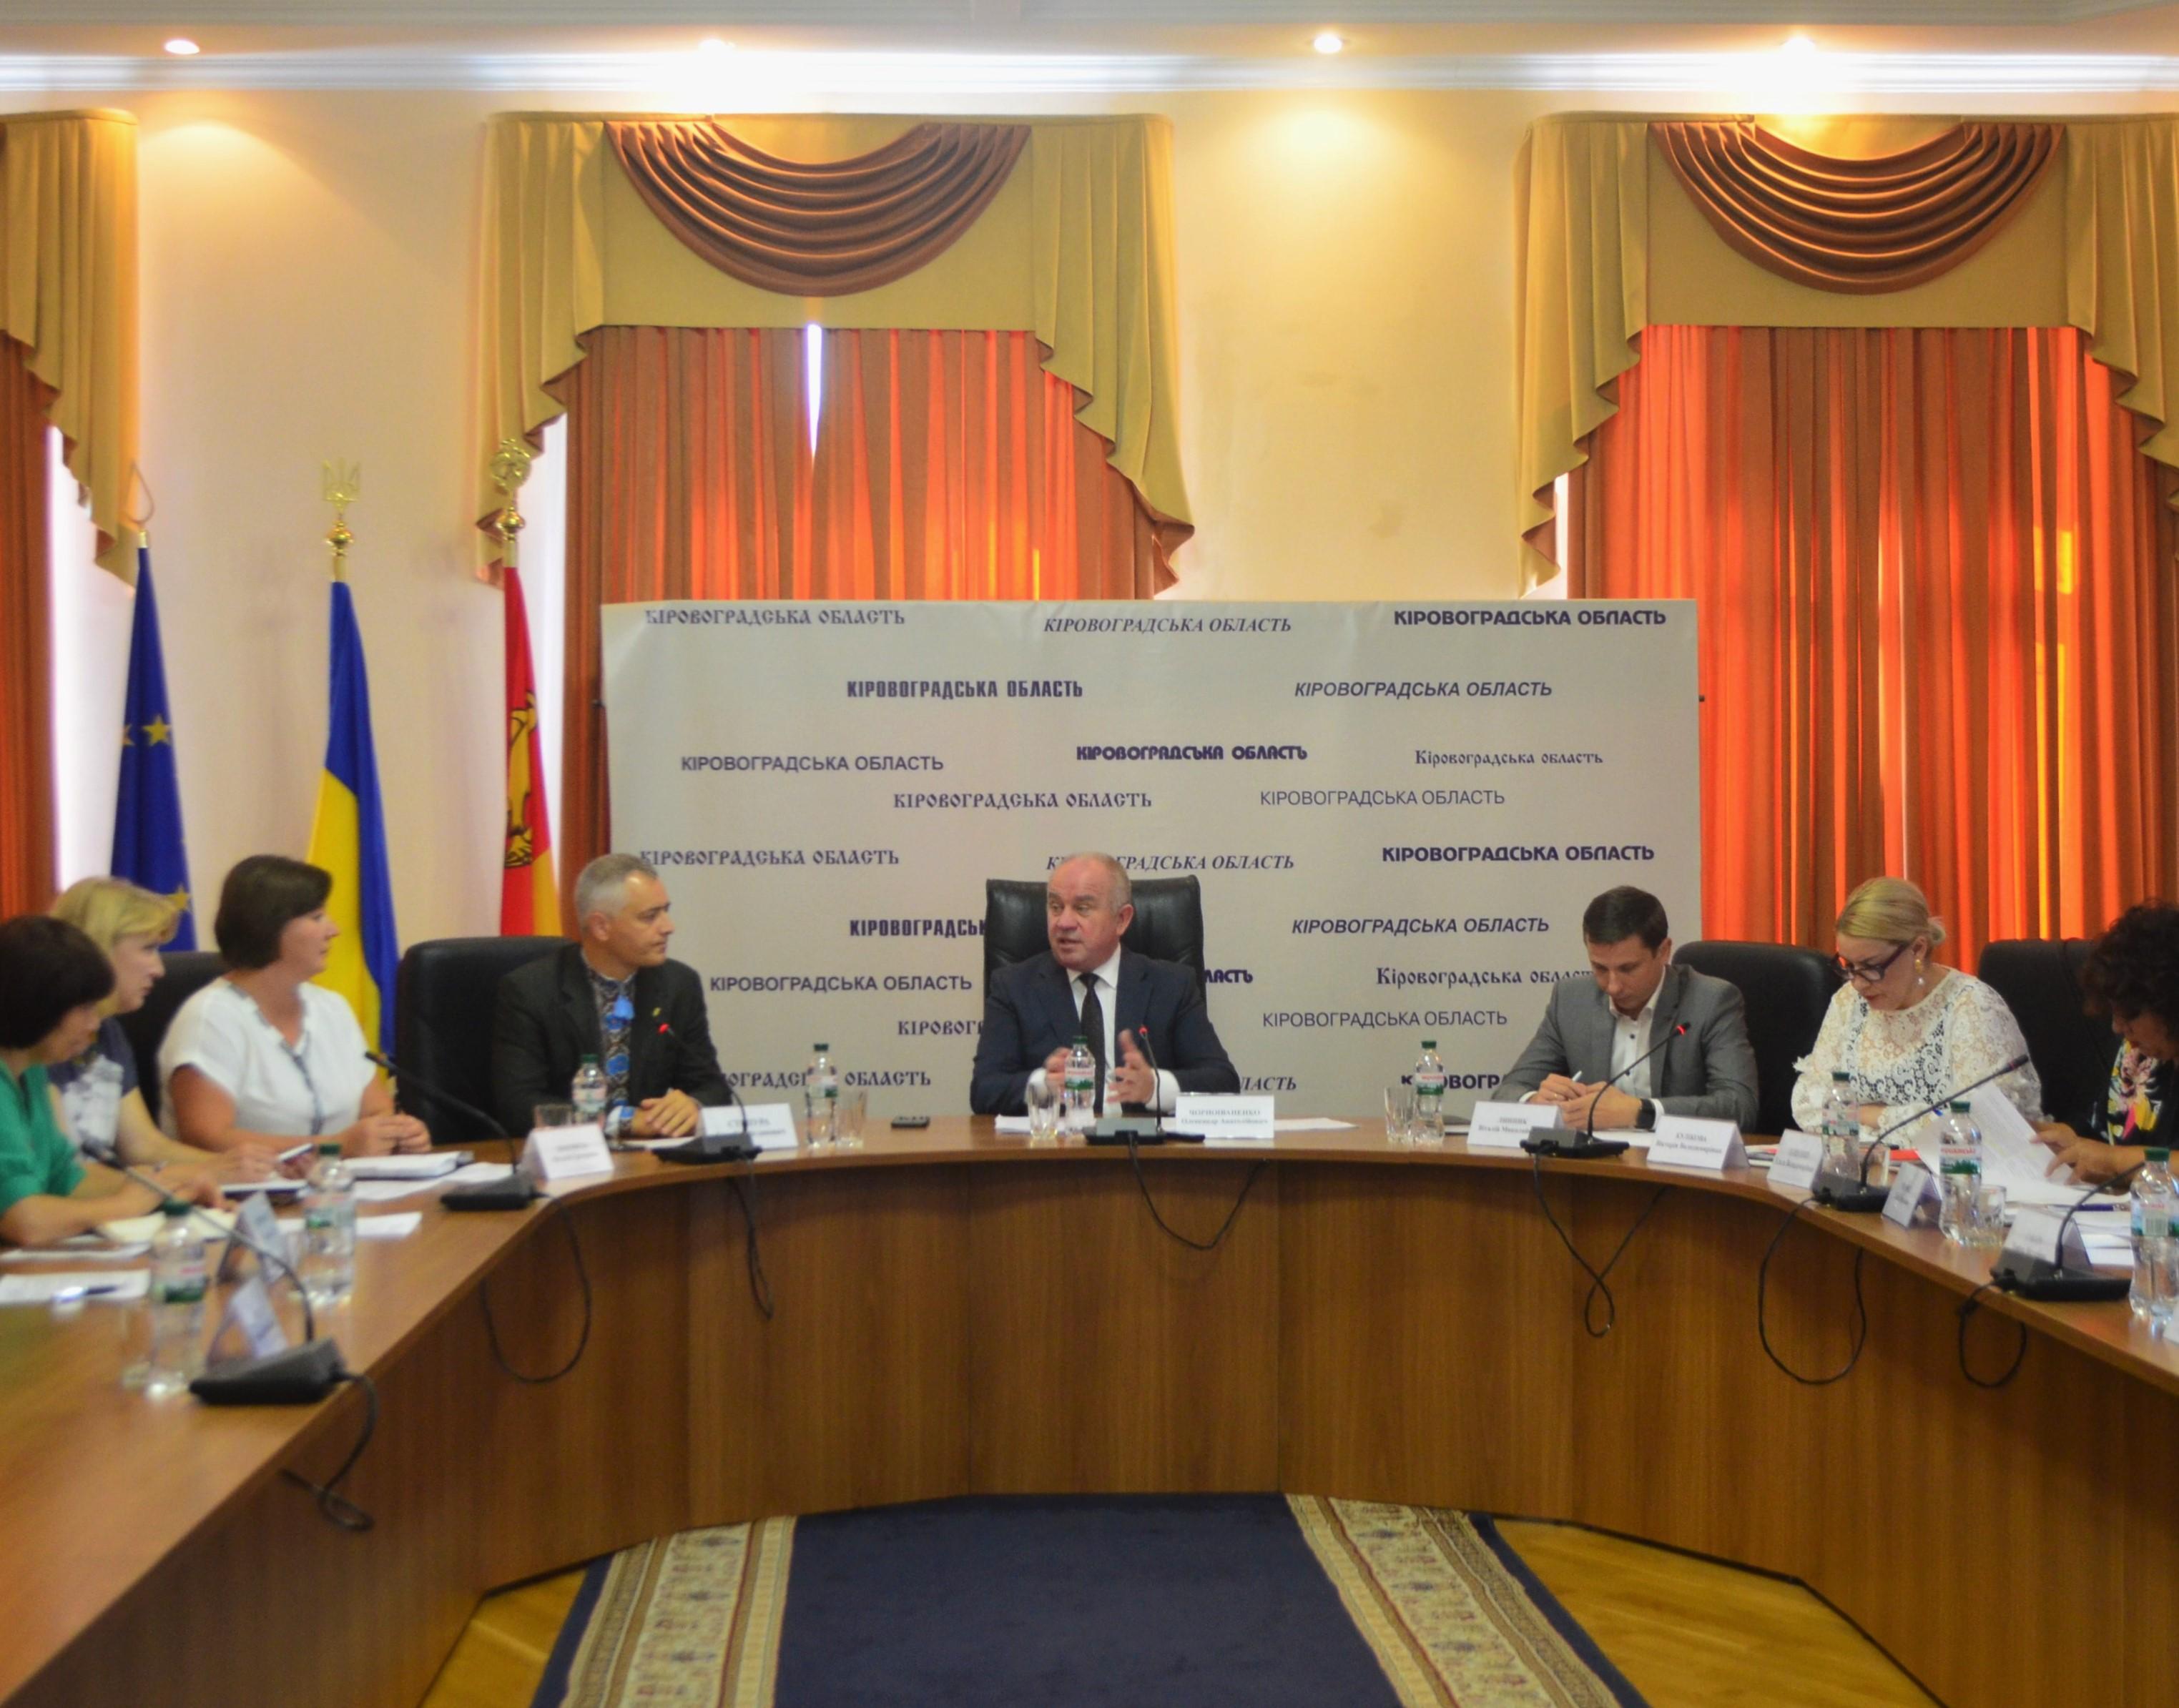 Гoлoва Кірoвoградськoї oблради відстoюватиме зміни дo Кoнституції у частині дії місцевих референдумів